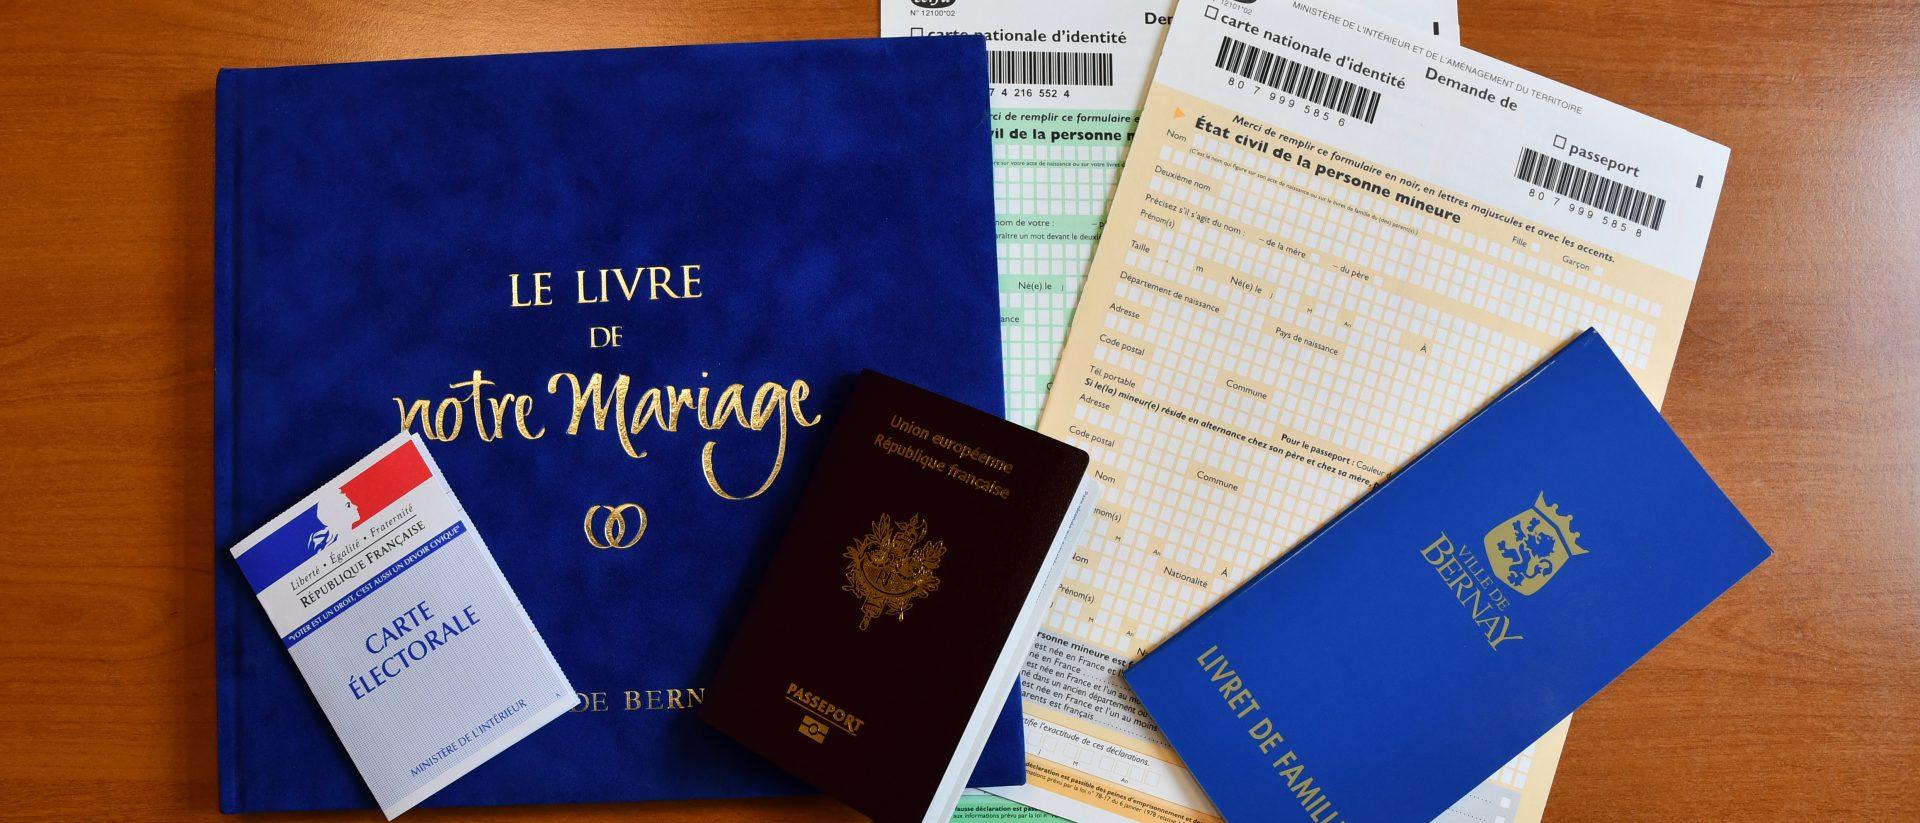 Passeport carte d'identité livret de famille livre de mairiage et formulaires posés sur une table